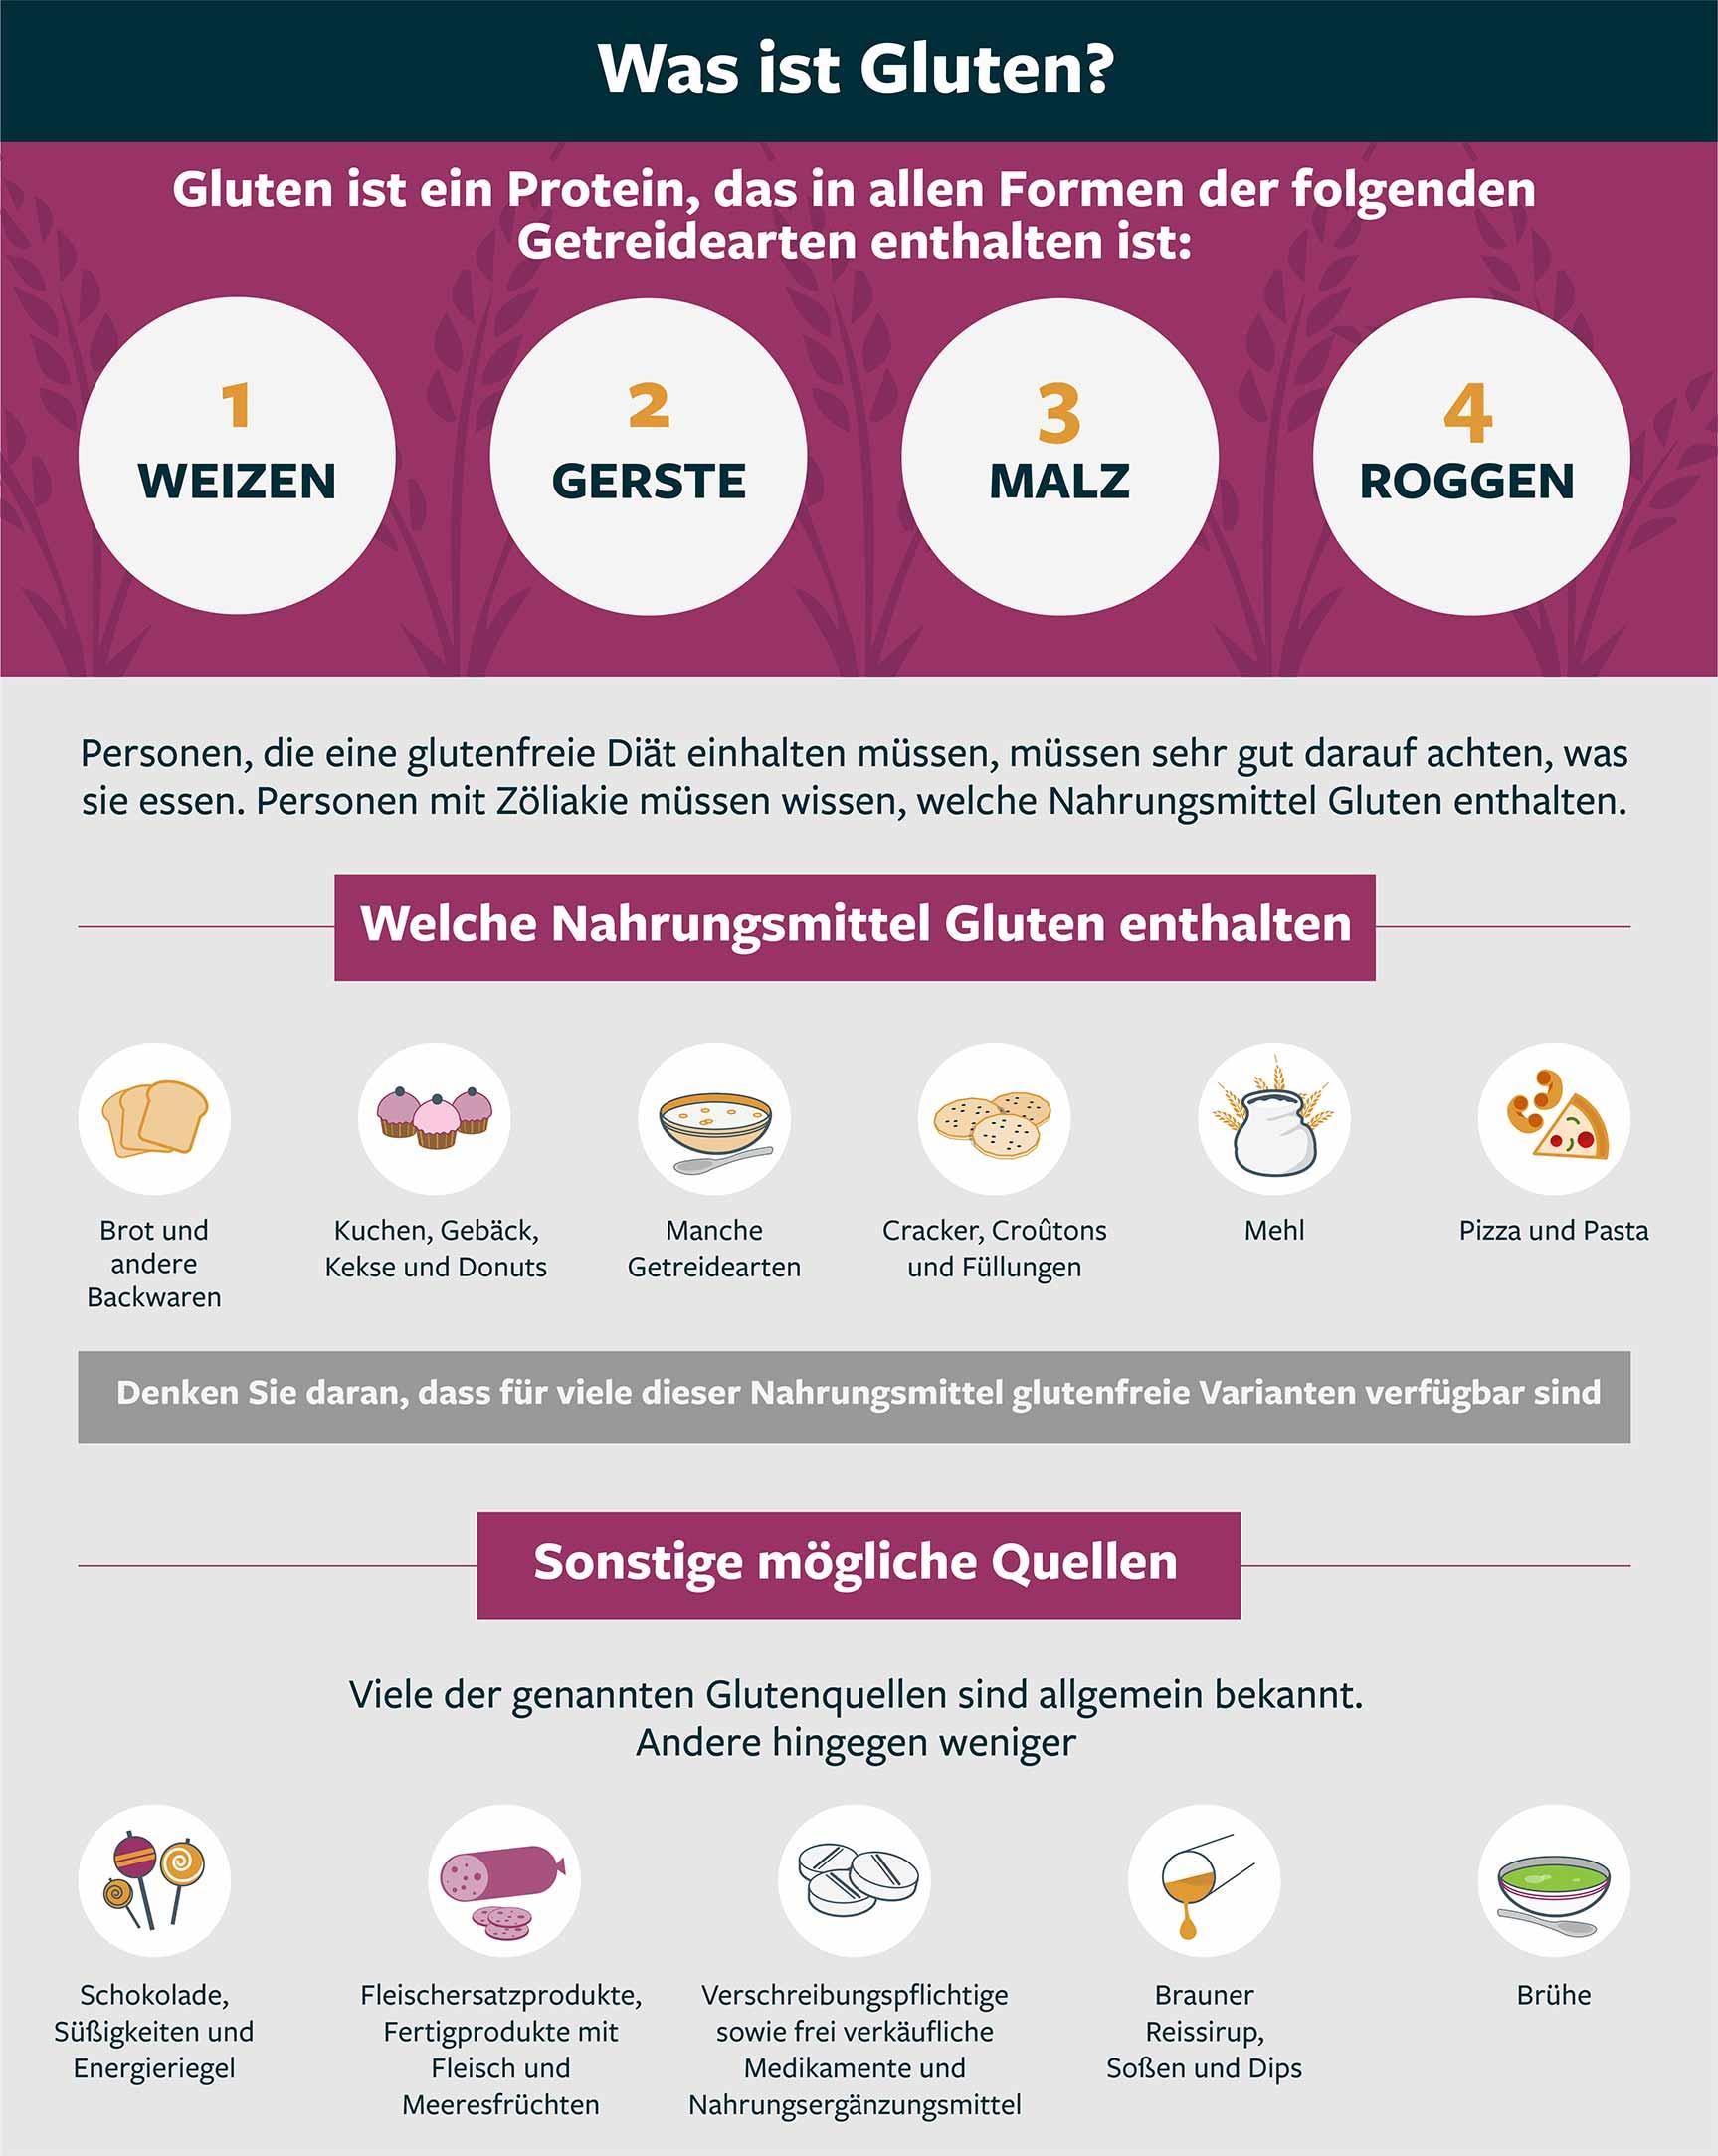 Abbildung 1: Glutenhaltige Nahrungsmittel